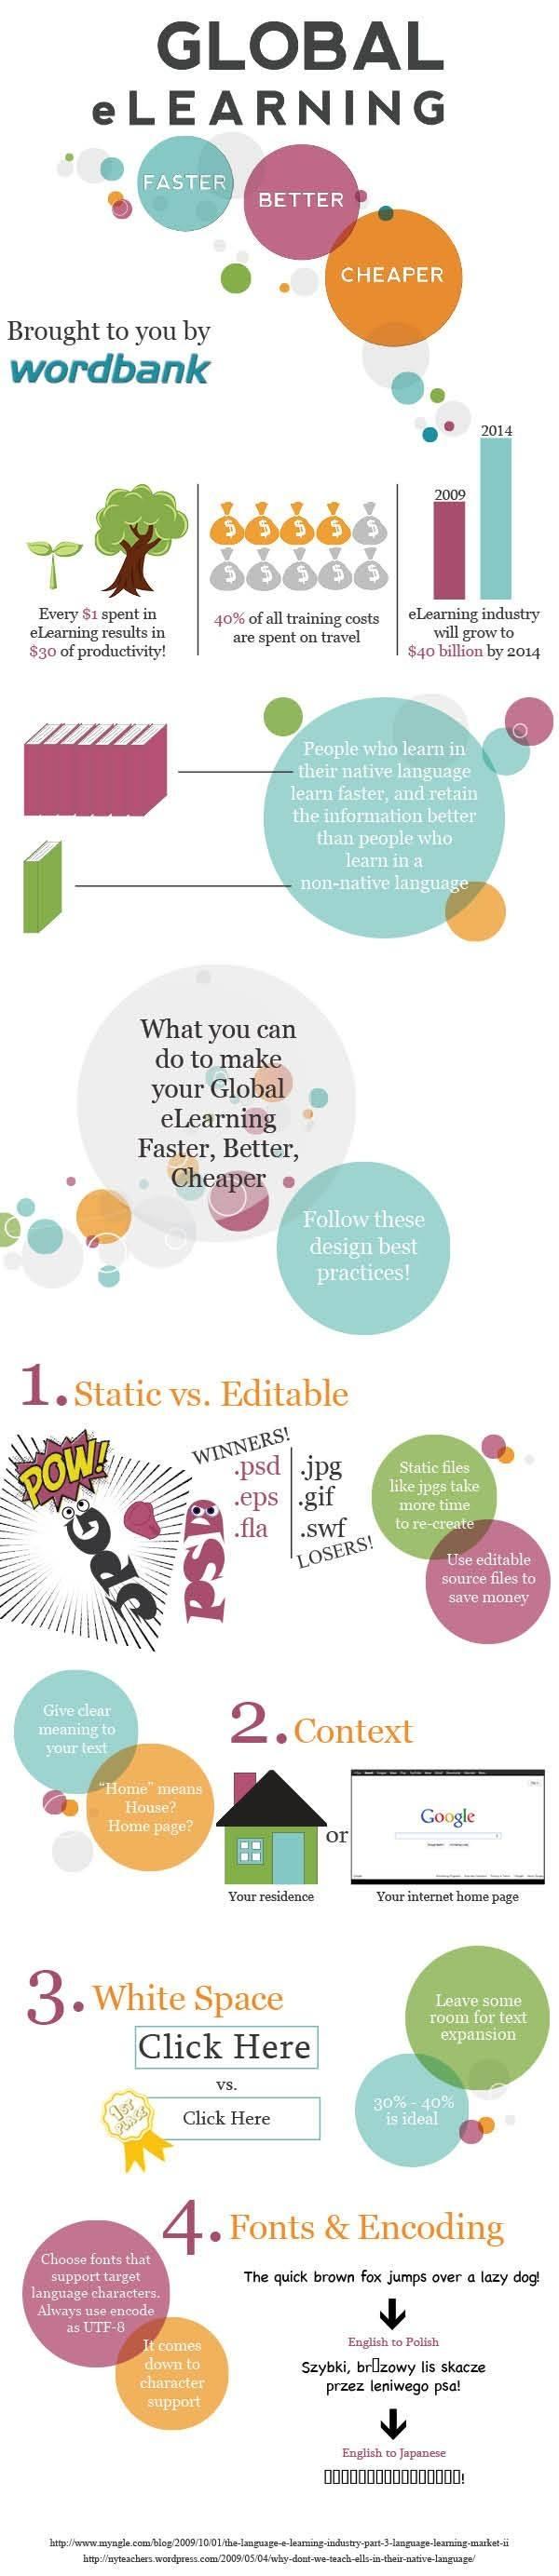 Global eLearning: Faster, Better, Cheaper thumbnail